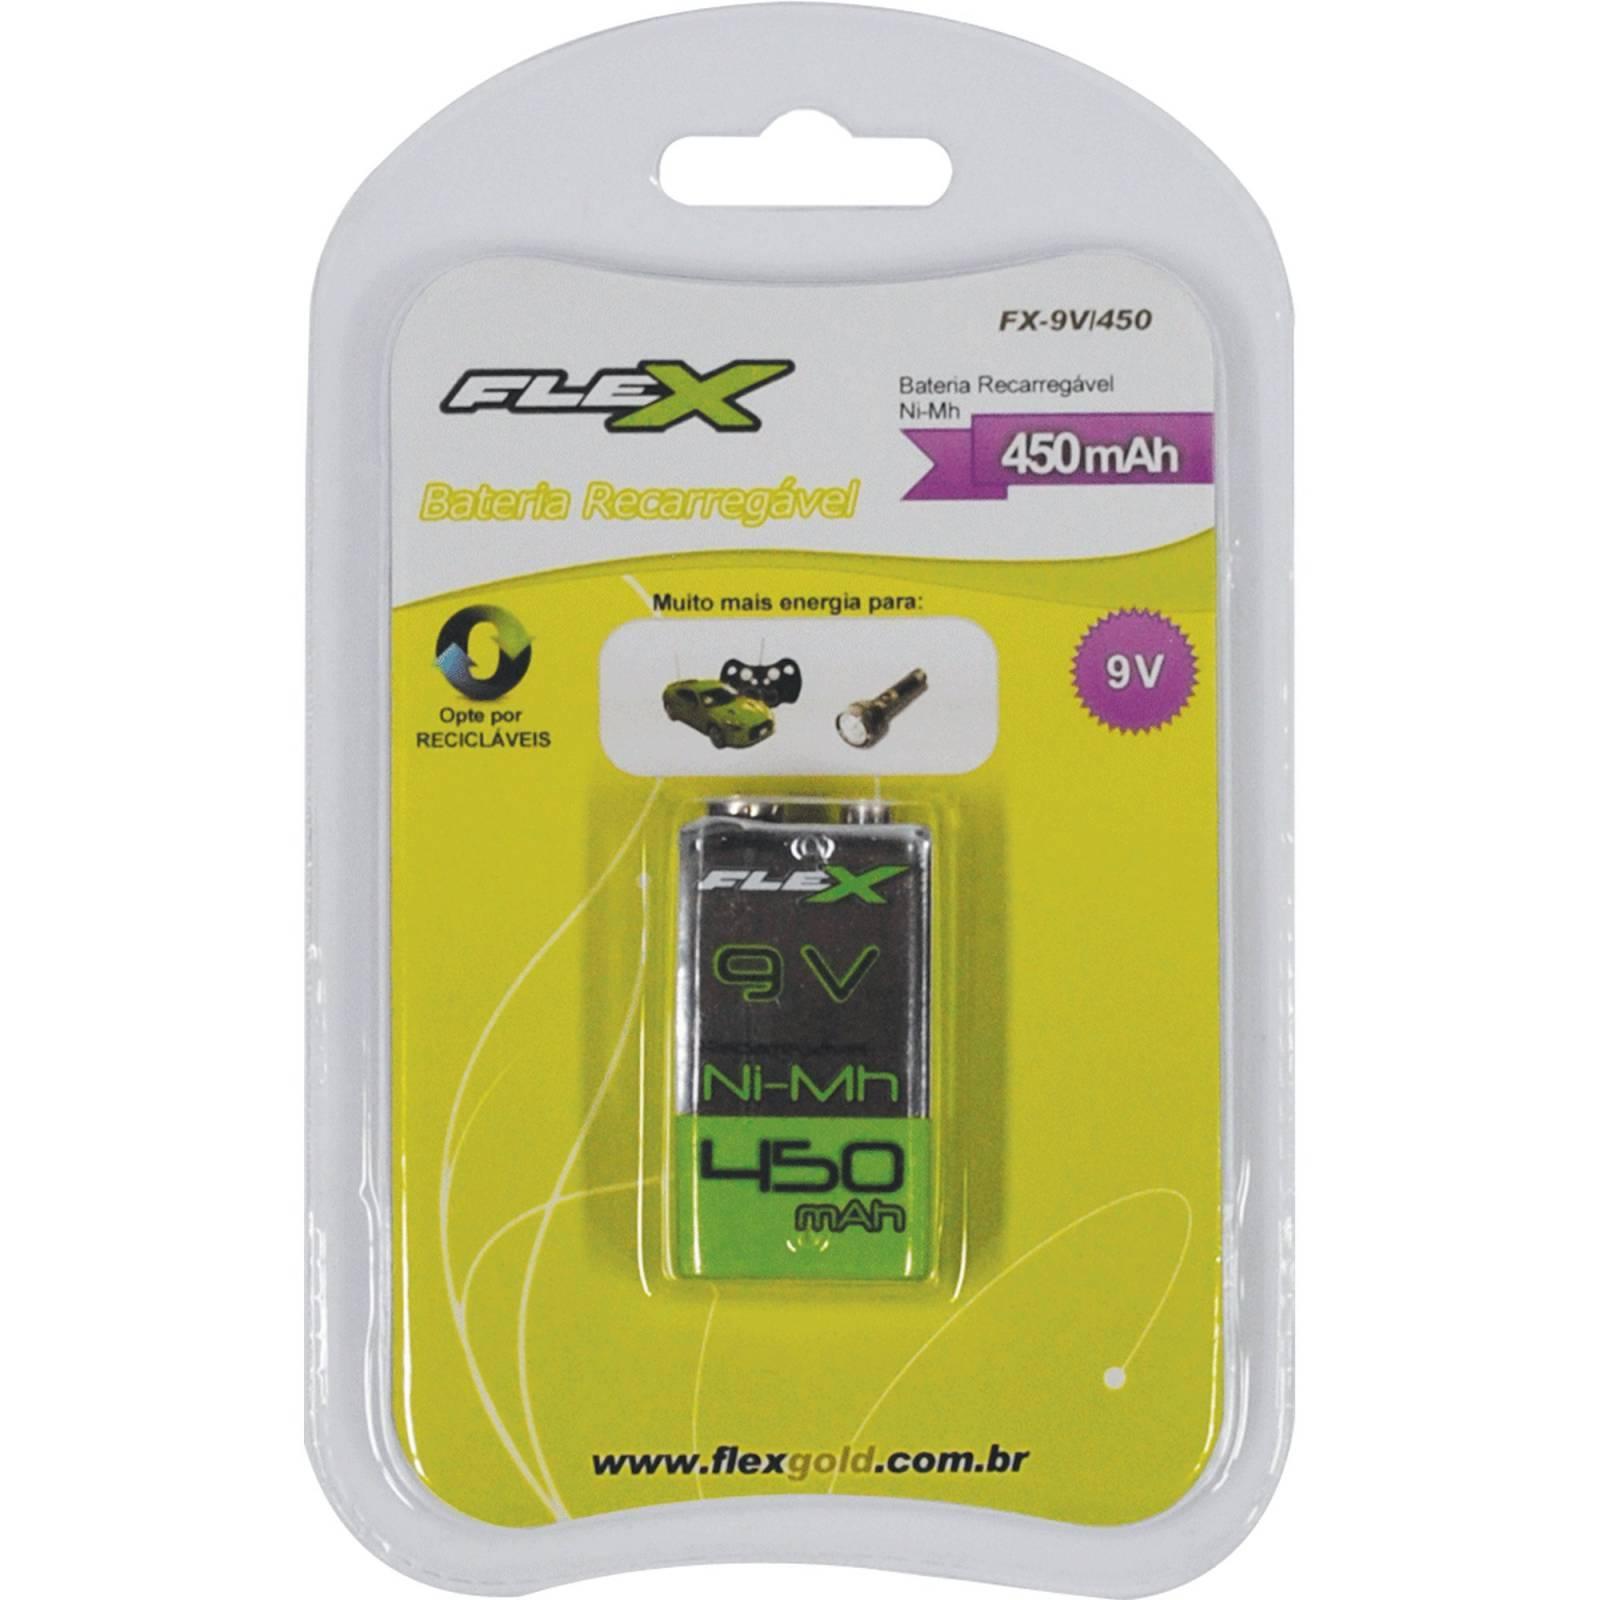 Bateria 9V 450mAh Recarregável Flex Blister c/ 1un. - Casa da Pilha